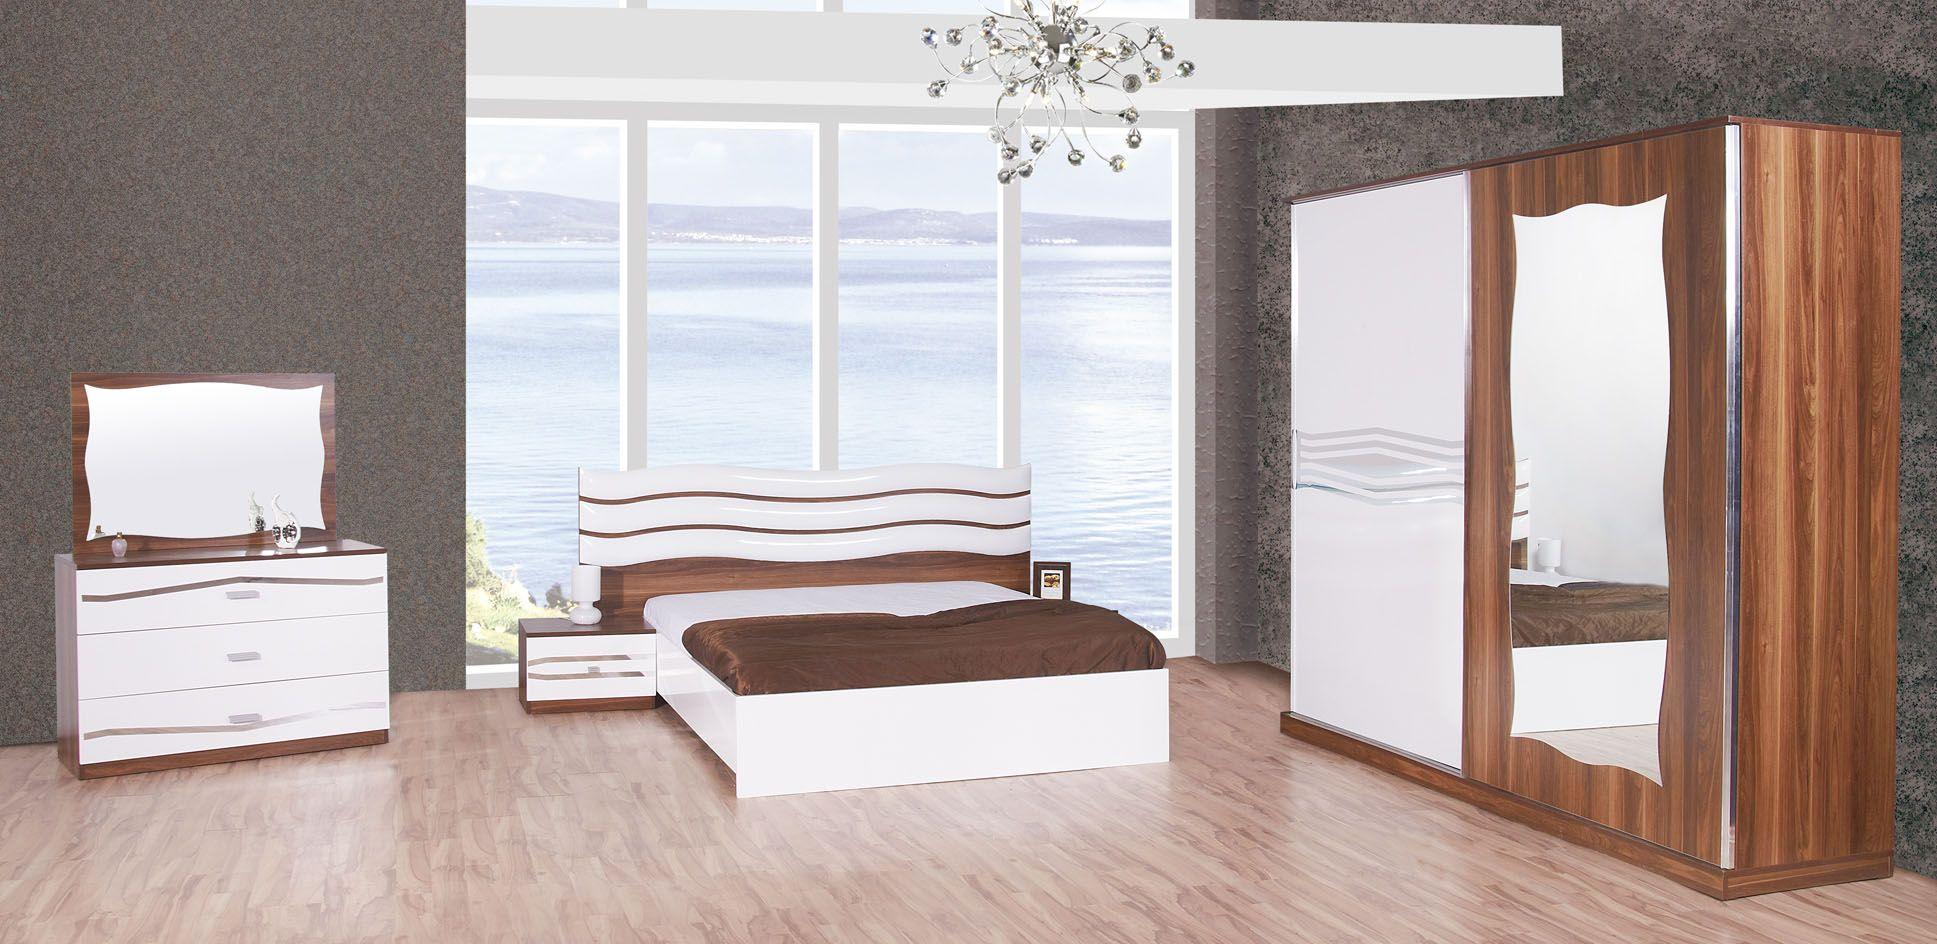 Passende Schlafzimmer Möbel Erstellen Komfort Schlafzimmer Nuance Büromöbel  Heute, Viele Häuser Haben Ein Minimalistisches Design